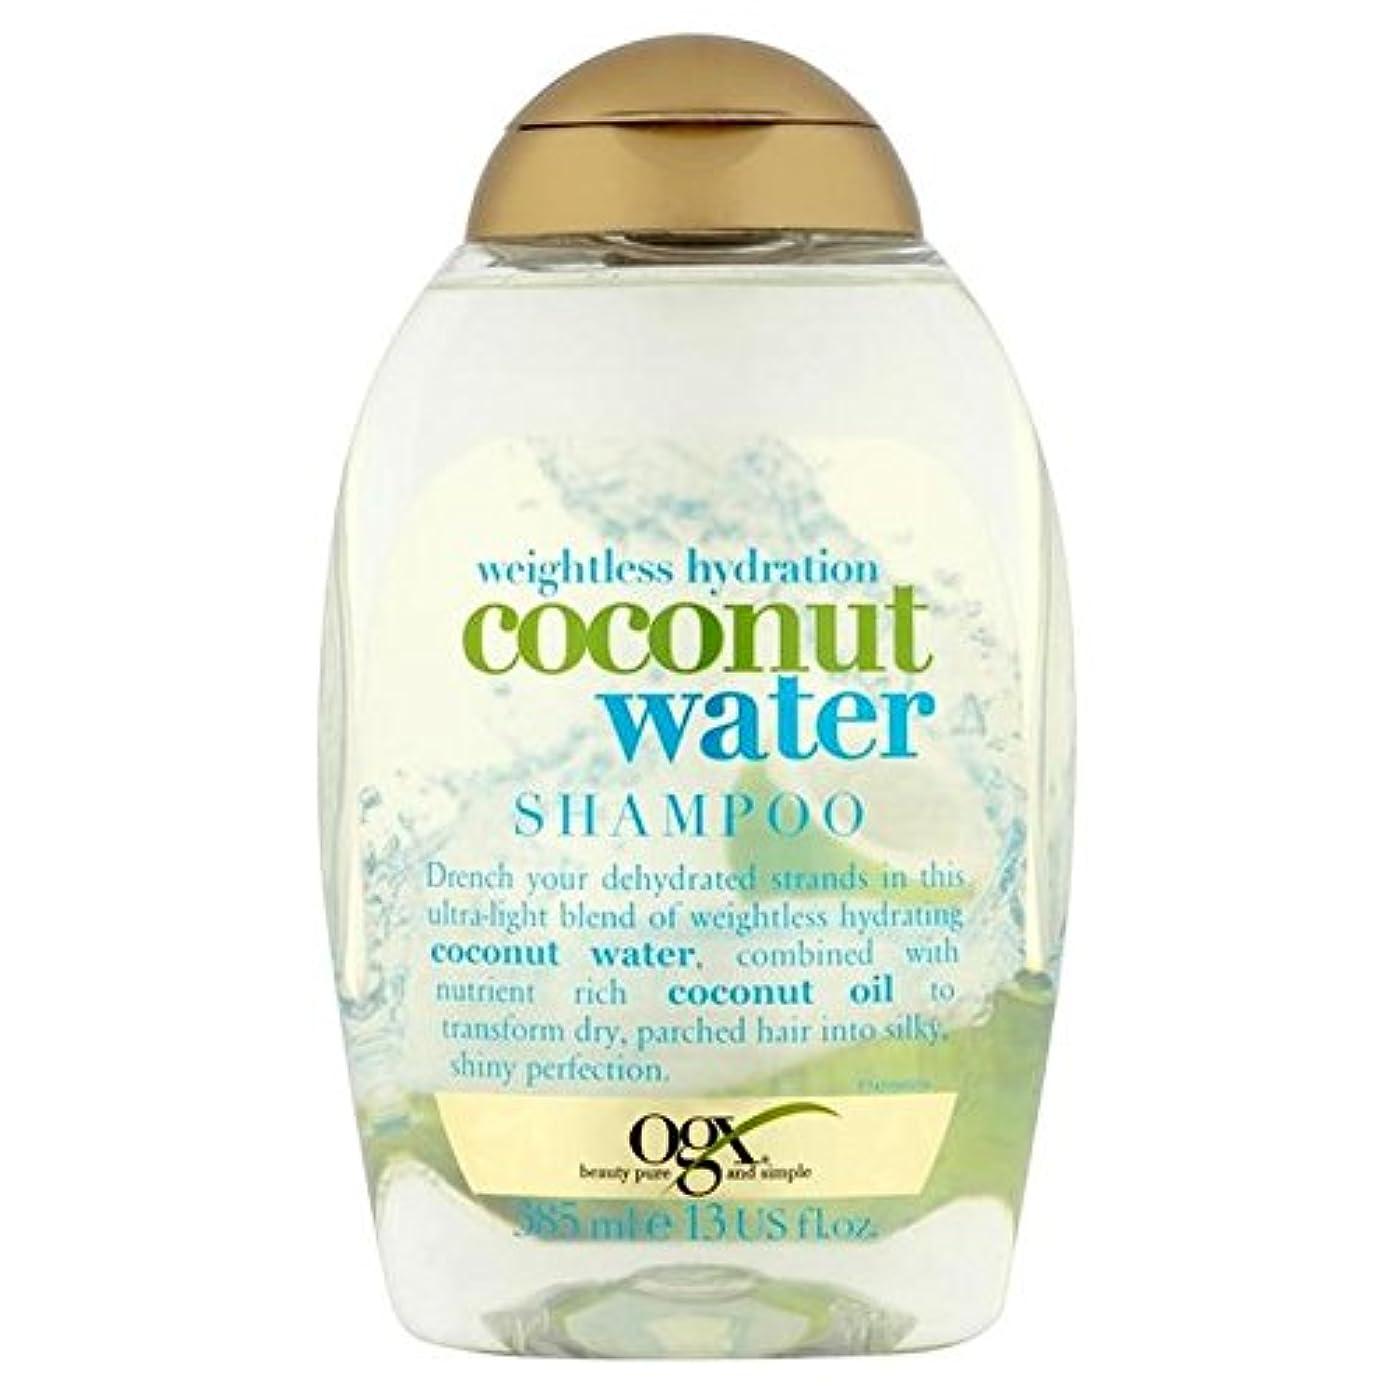 アプライアンスマンモスサークル水和ココナッツウォーターシャンプー385ミリリットル x2 - Ogx Hydration Coconut Water Shampoo 385ml (Pack of 2) [並行輸入品]